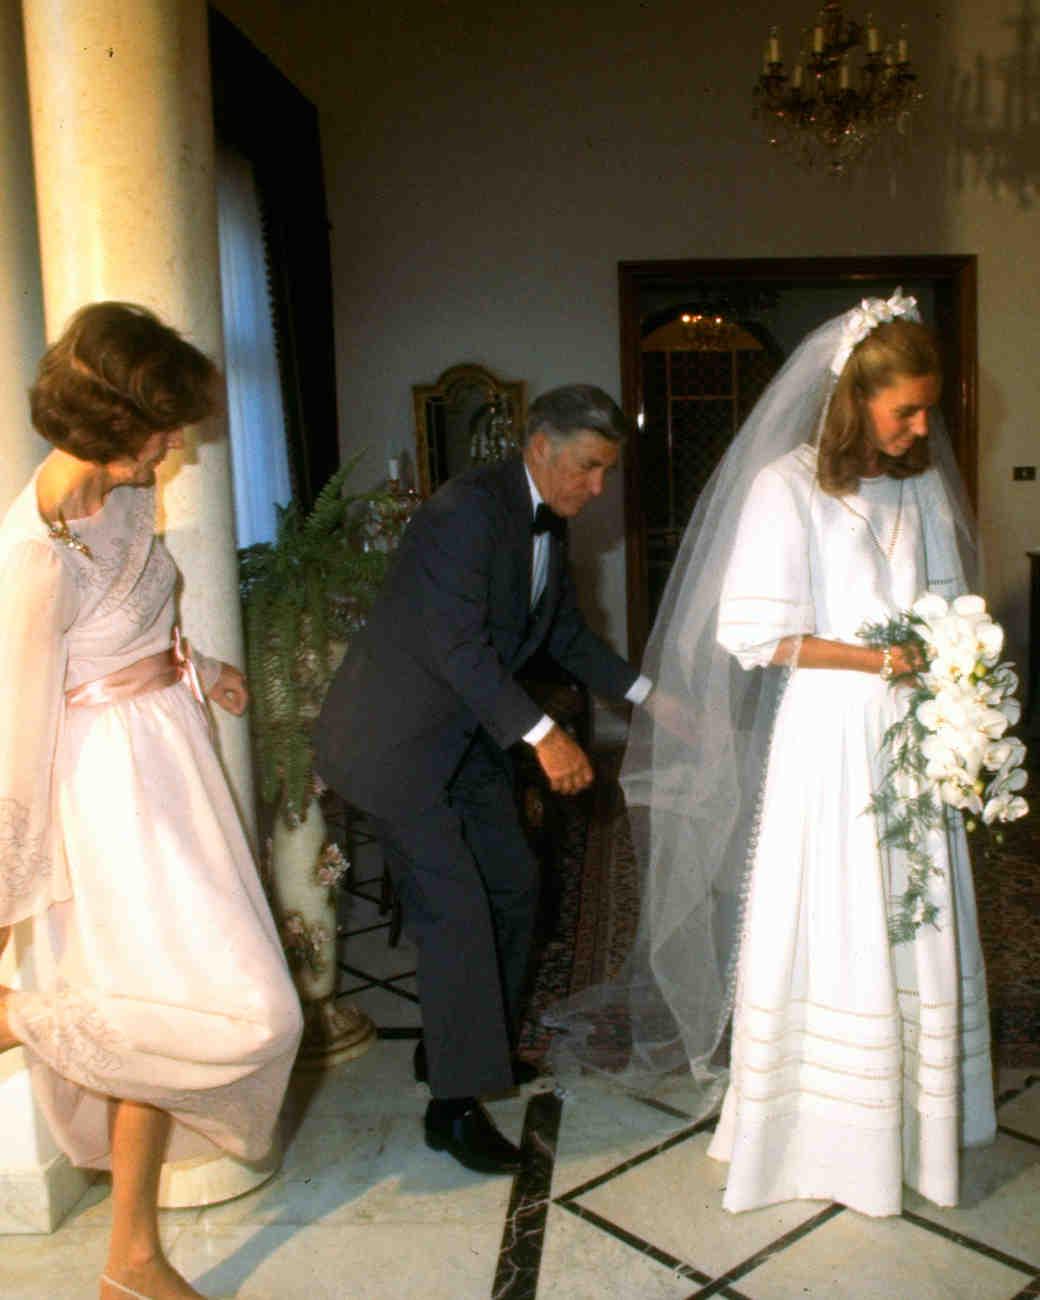 royal-wedding-dress-queen-noor-jordan-50540867-1115.jpg